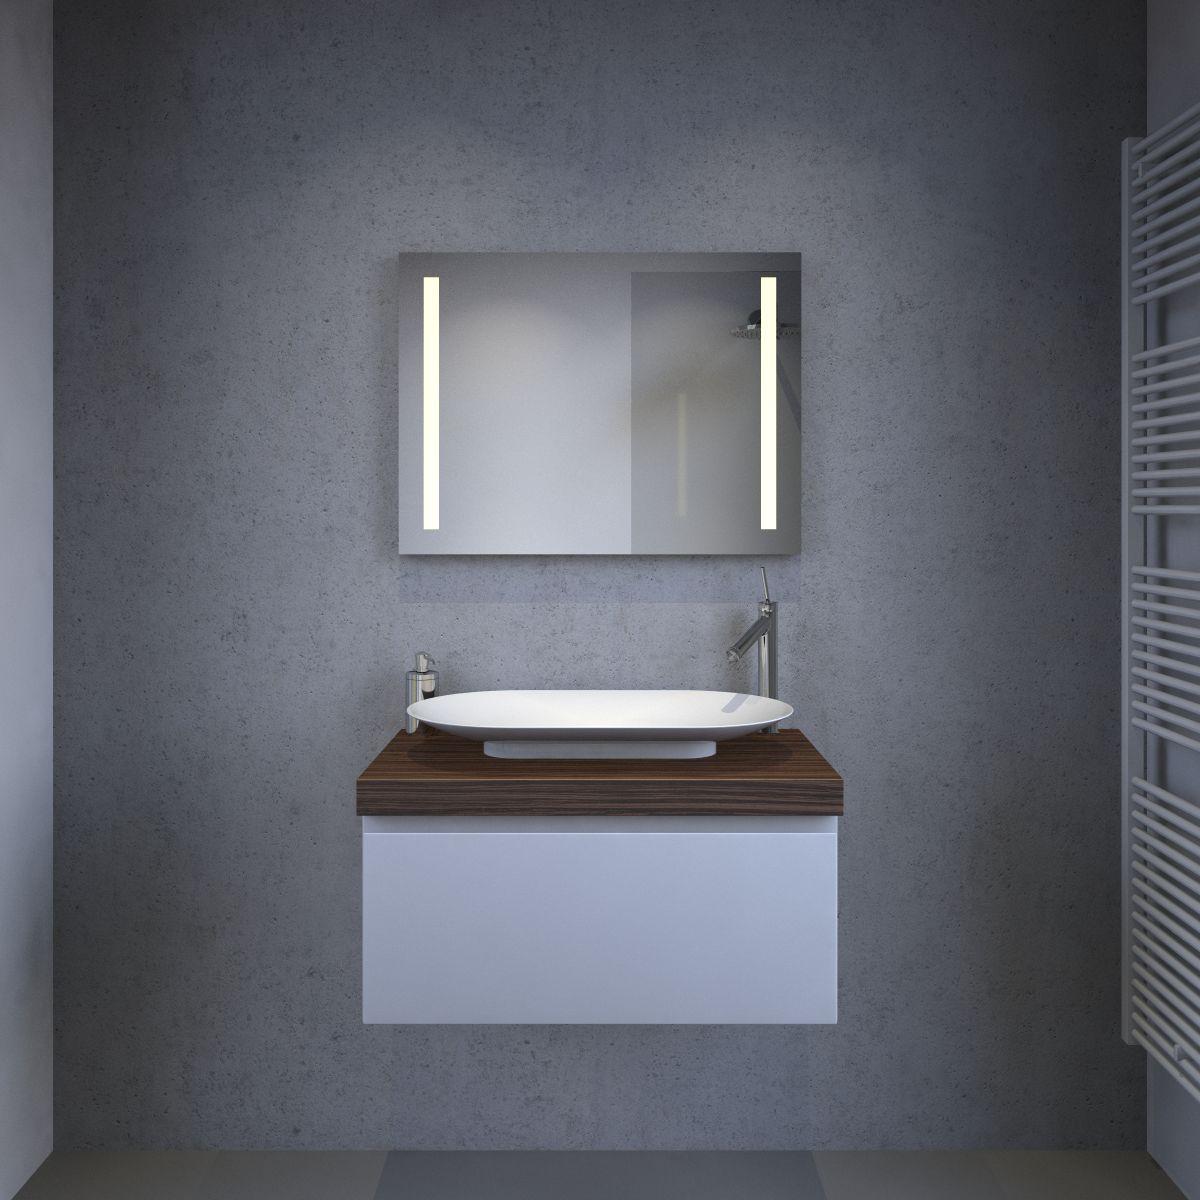 Luxe badkamer led lichtspiegel met verwarming en sensor 80x60 cm designspiegels - Spiegel tv badkamer ...